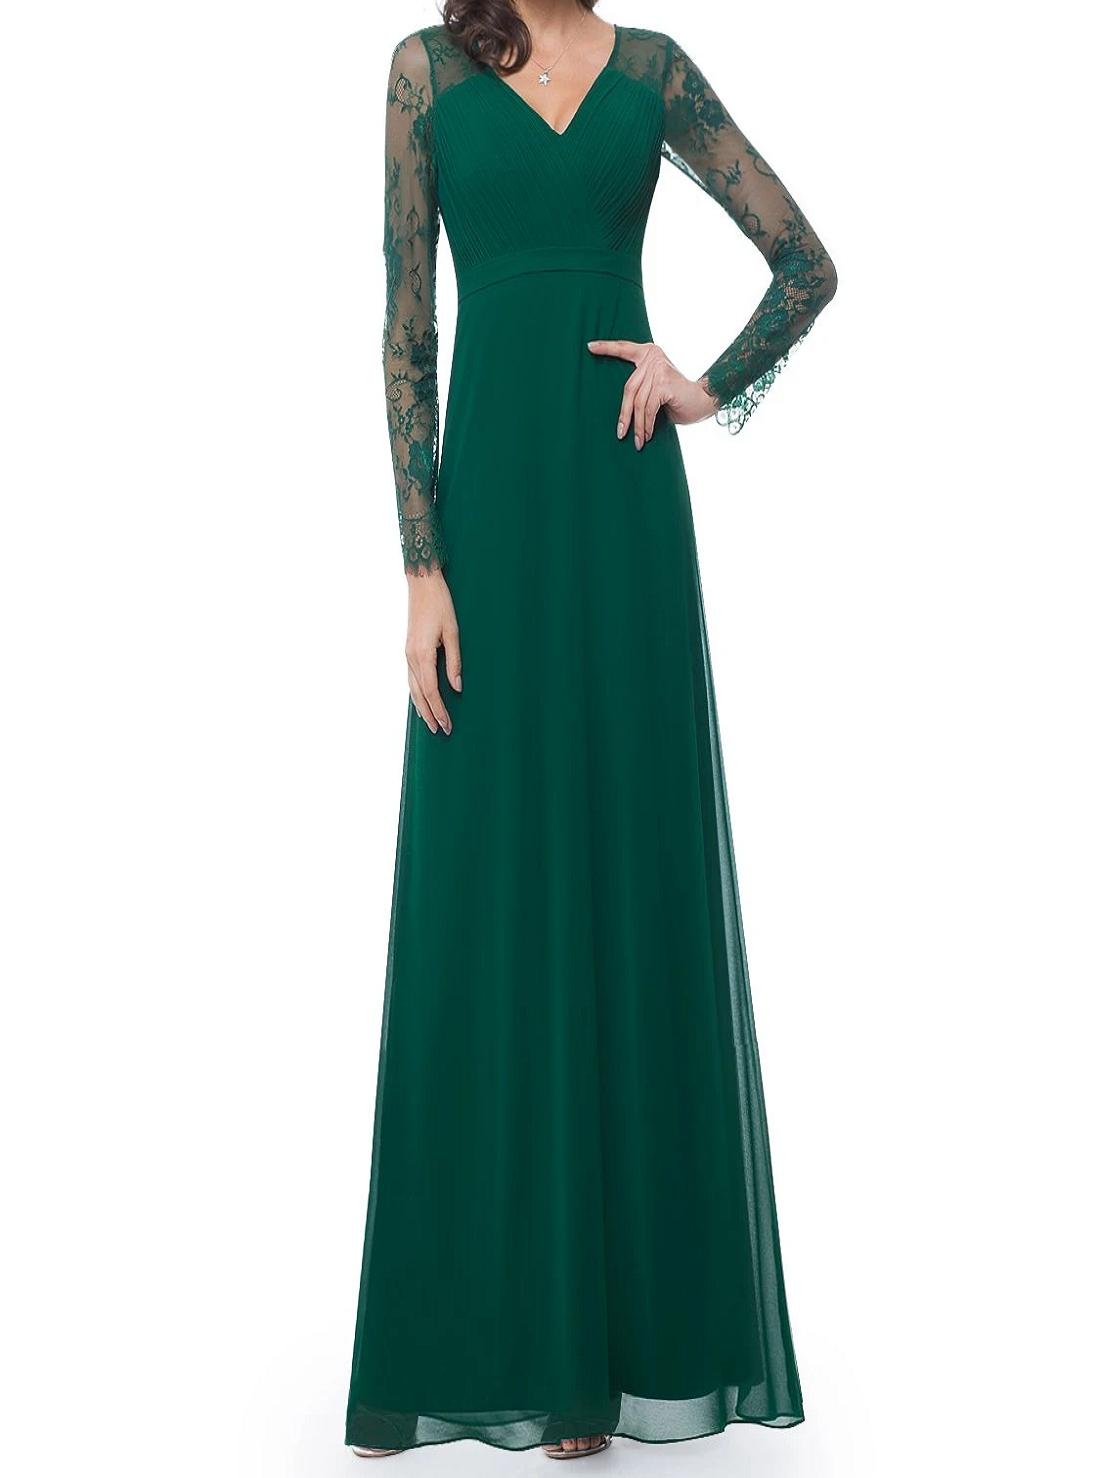 4 Wholesale Long Sleeve Polka Dresses